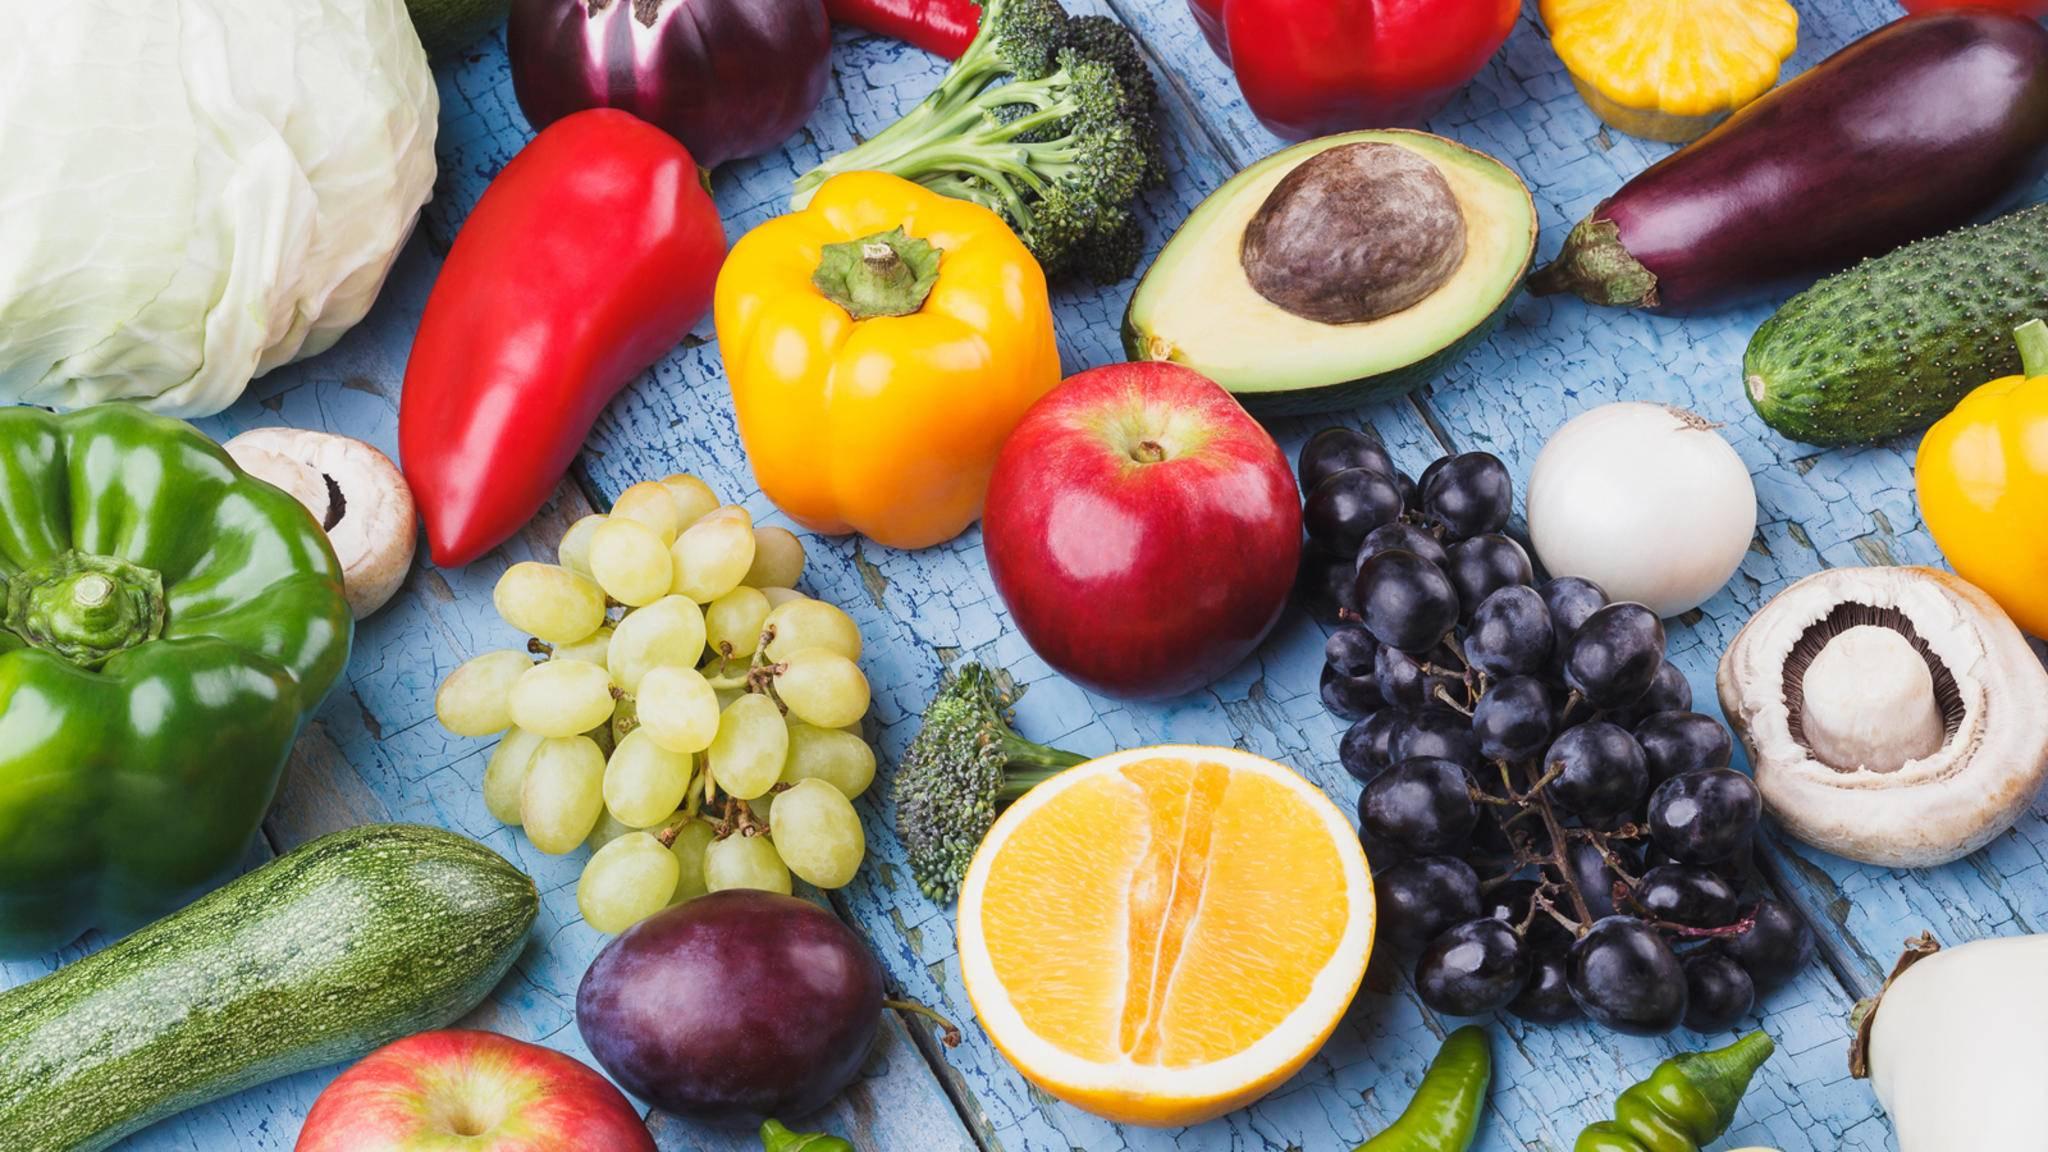 Weniger Fleisch, mehr Obst und Gemüse – so lautet das simple Fazit einer neuen Studie zum Thema Übergewicht.